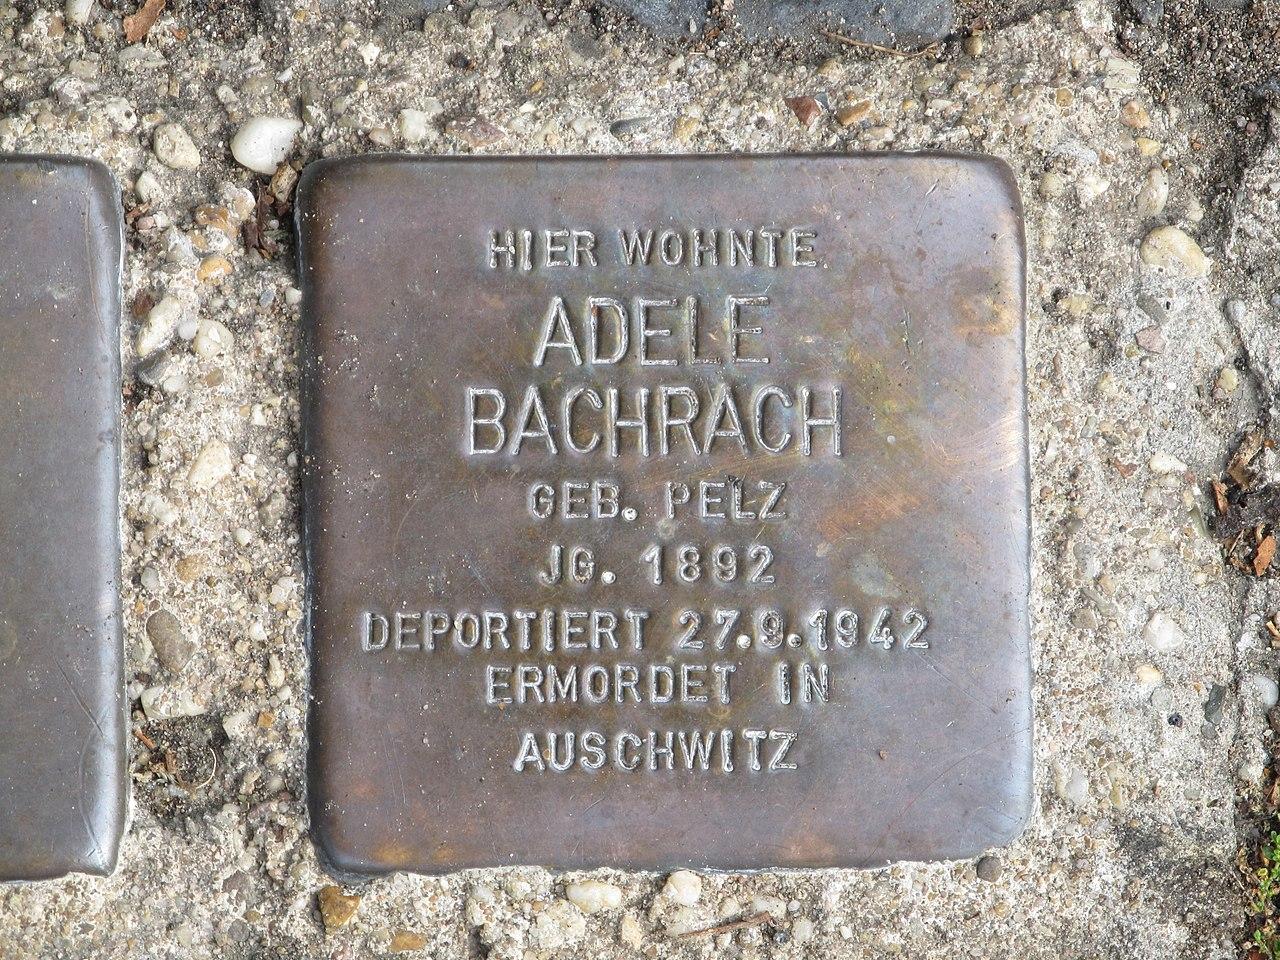 Stolperstein Adele Bachrach, 1, Wilhelm-Leuschner-Straße 47, Darmstadt.jpg